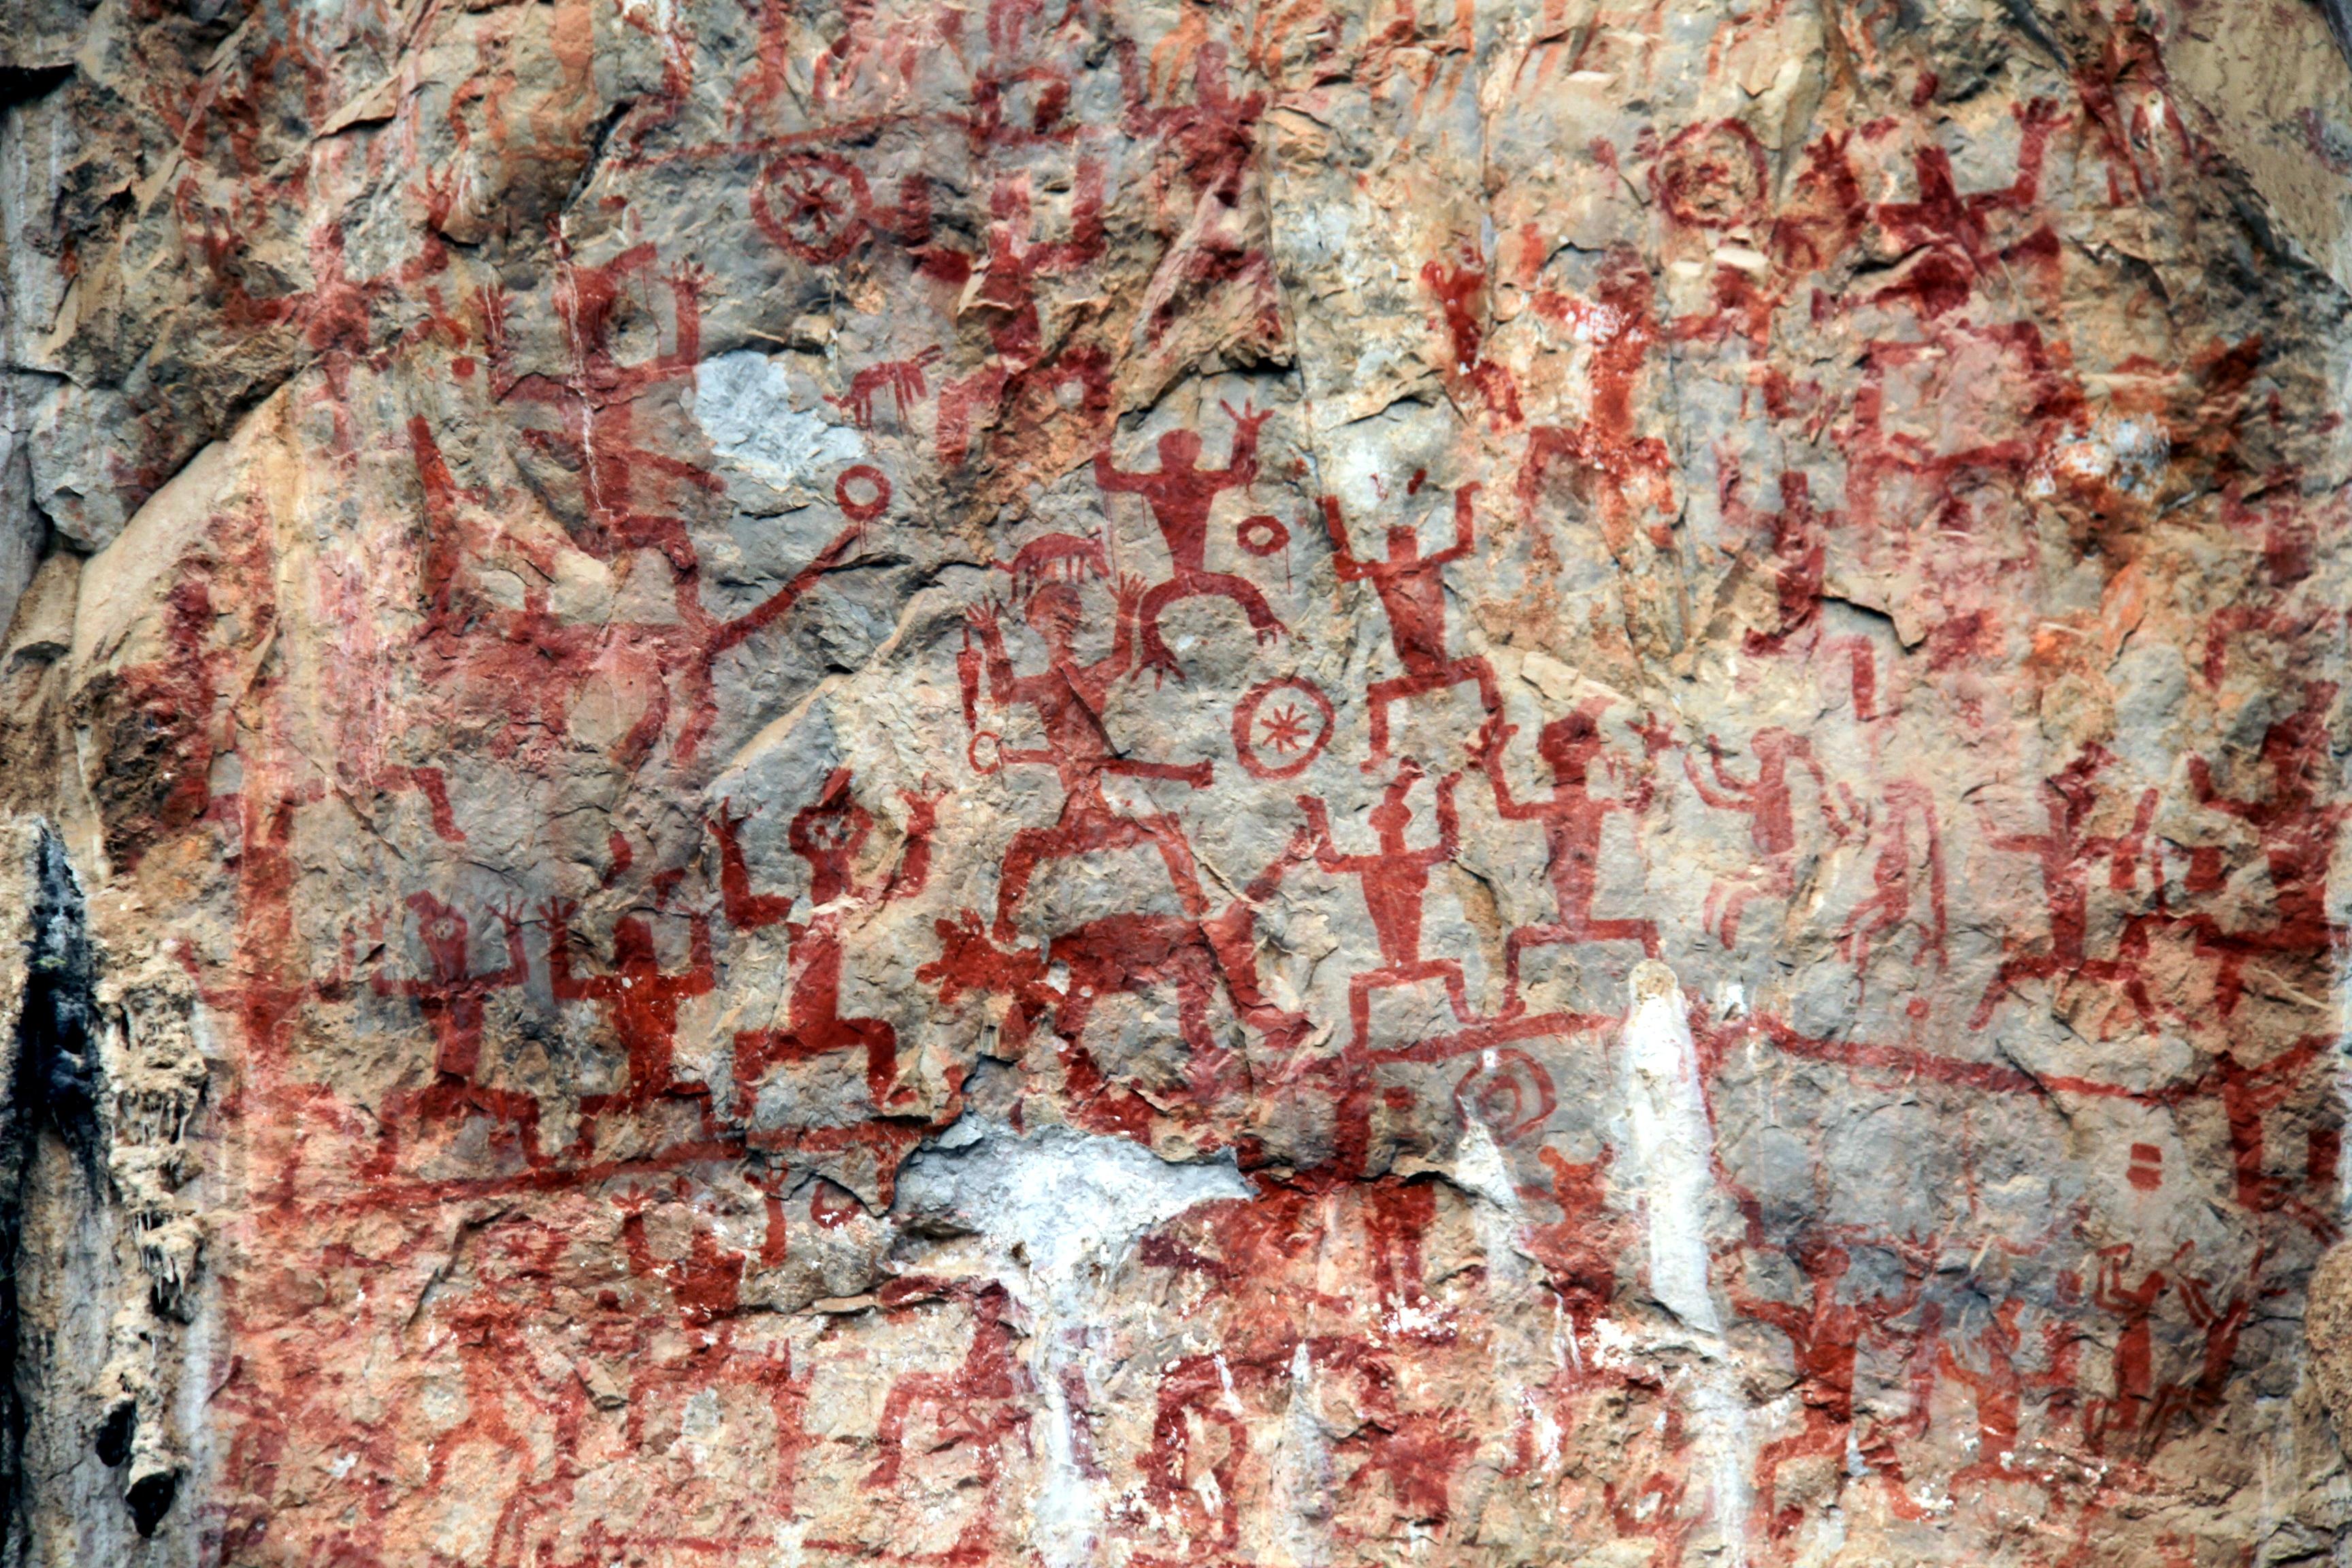 Felsbilder von Huashan in China. Eine Felswand die über und Über mit roten Figuren bemalt ist. Viele Strichmännchen ähnliche Zeichnungen sind dabei, die die Arme heben.